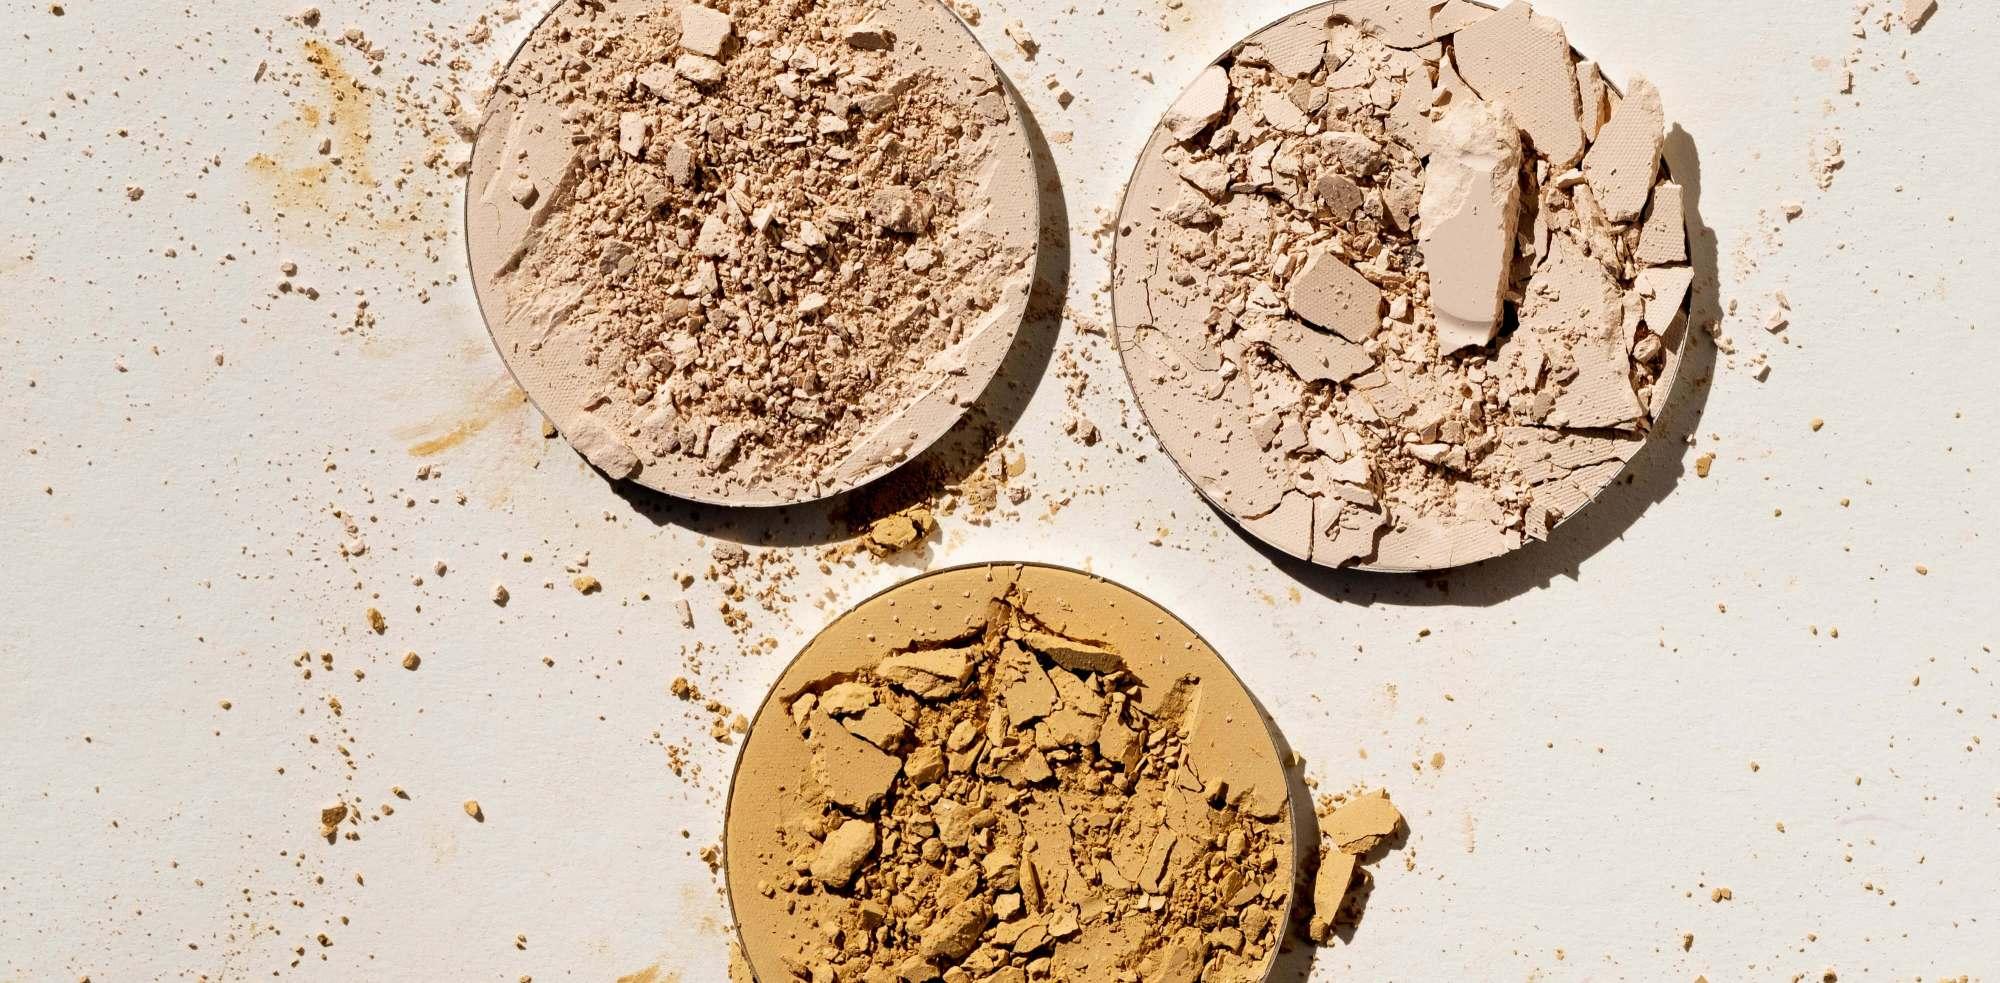 bg-category-makeup